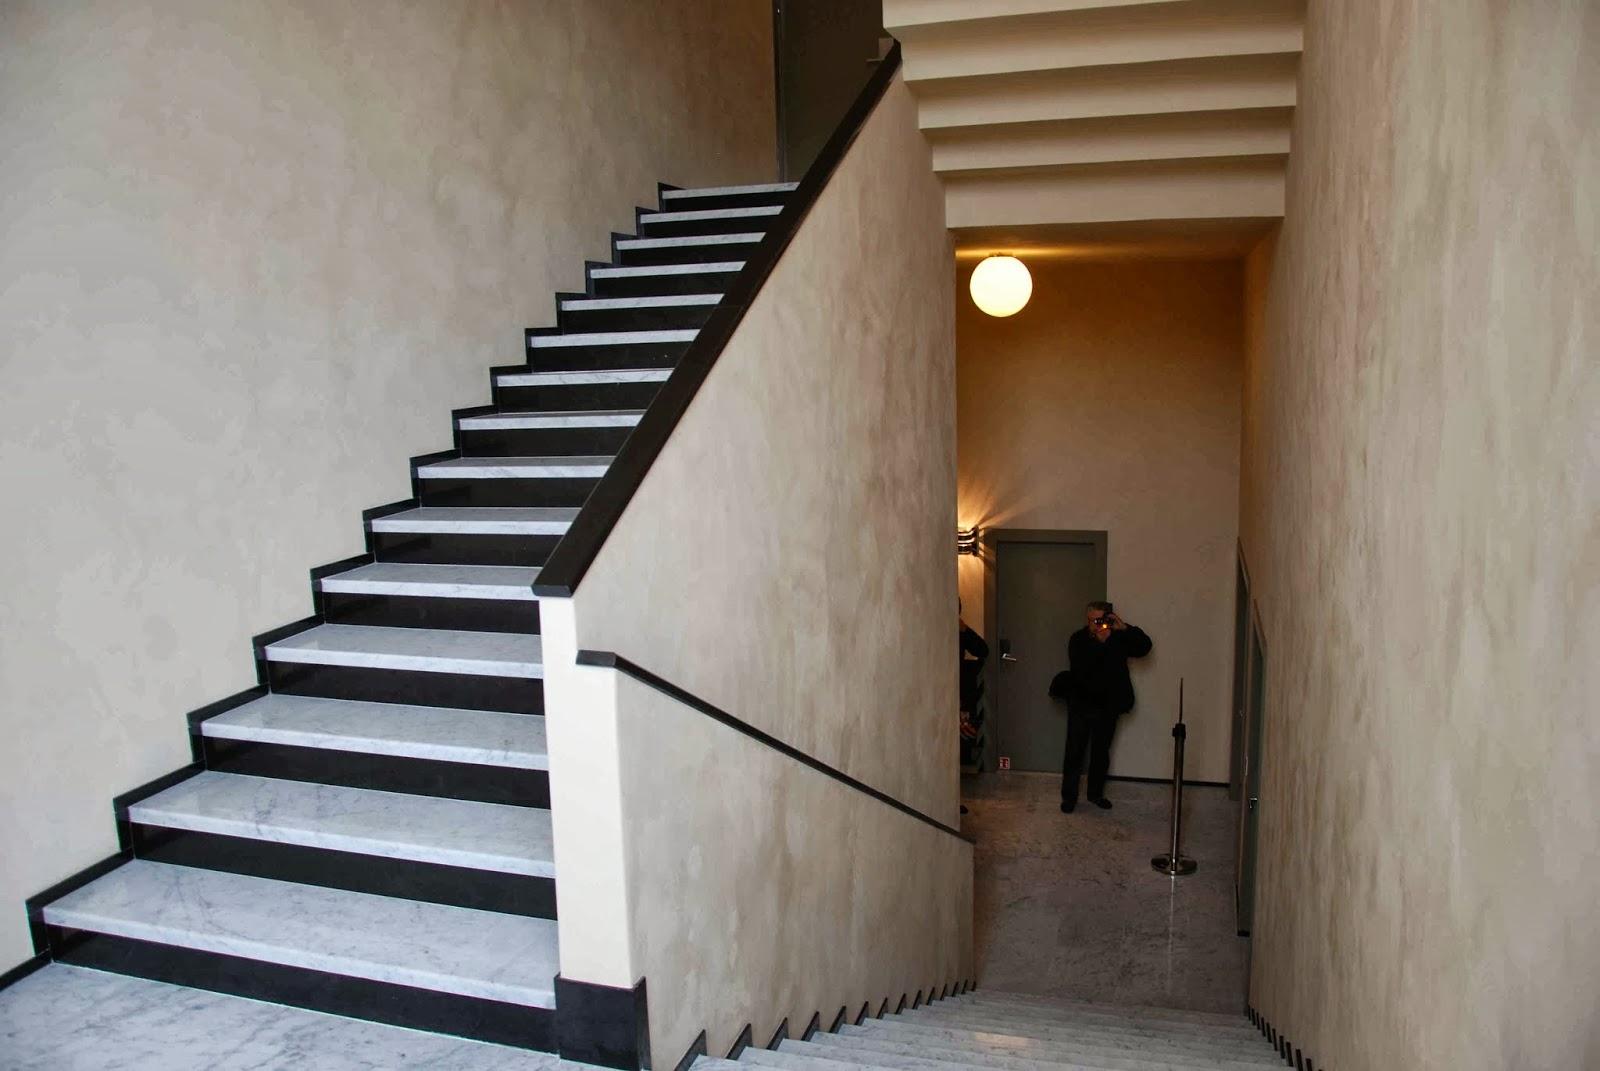 Le blog des amis de la villa cavrois l 39 escalier principal et l 39 escalier de service for Quelle couleur pour mon escalier en bois